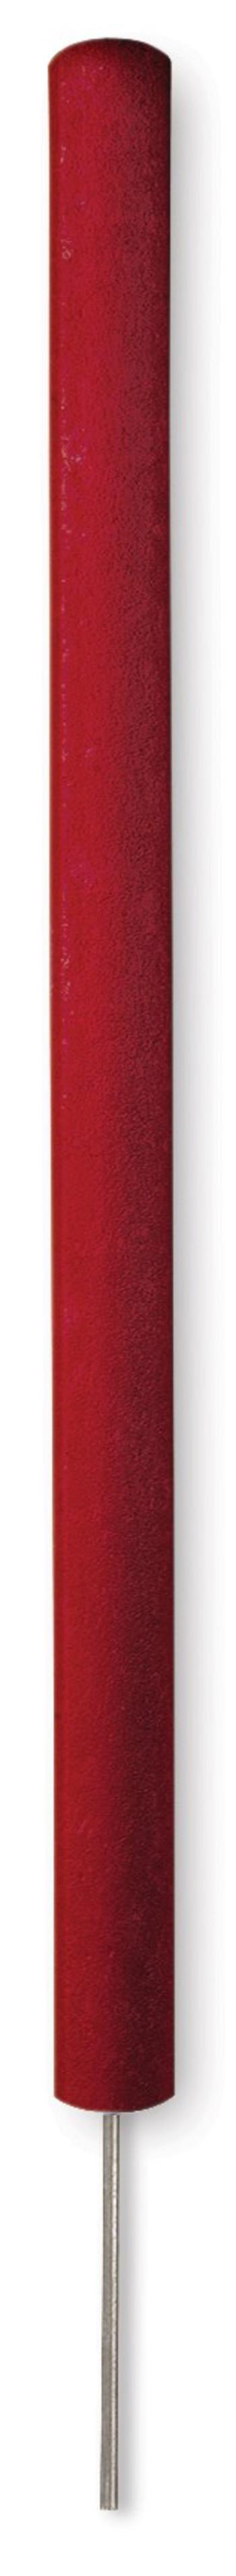 Runde Gefahrenmarker aus Recyclingkunststoff mit Spike, rot